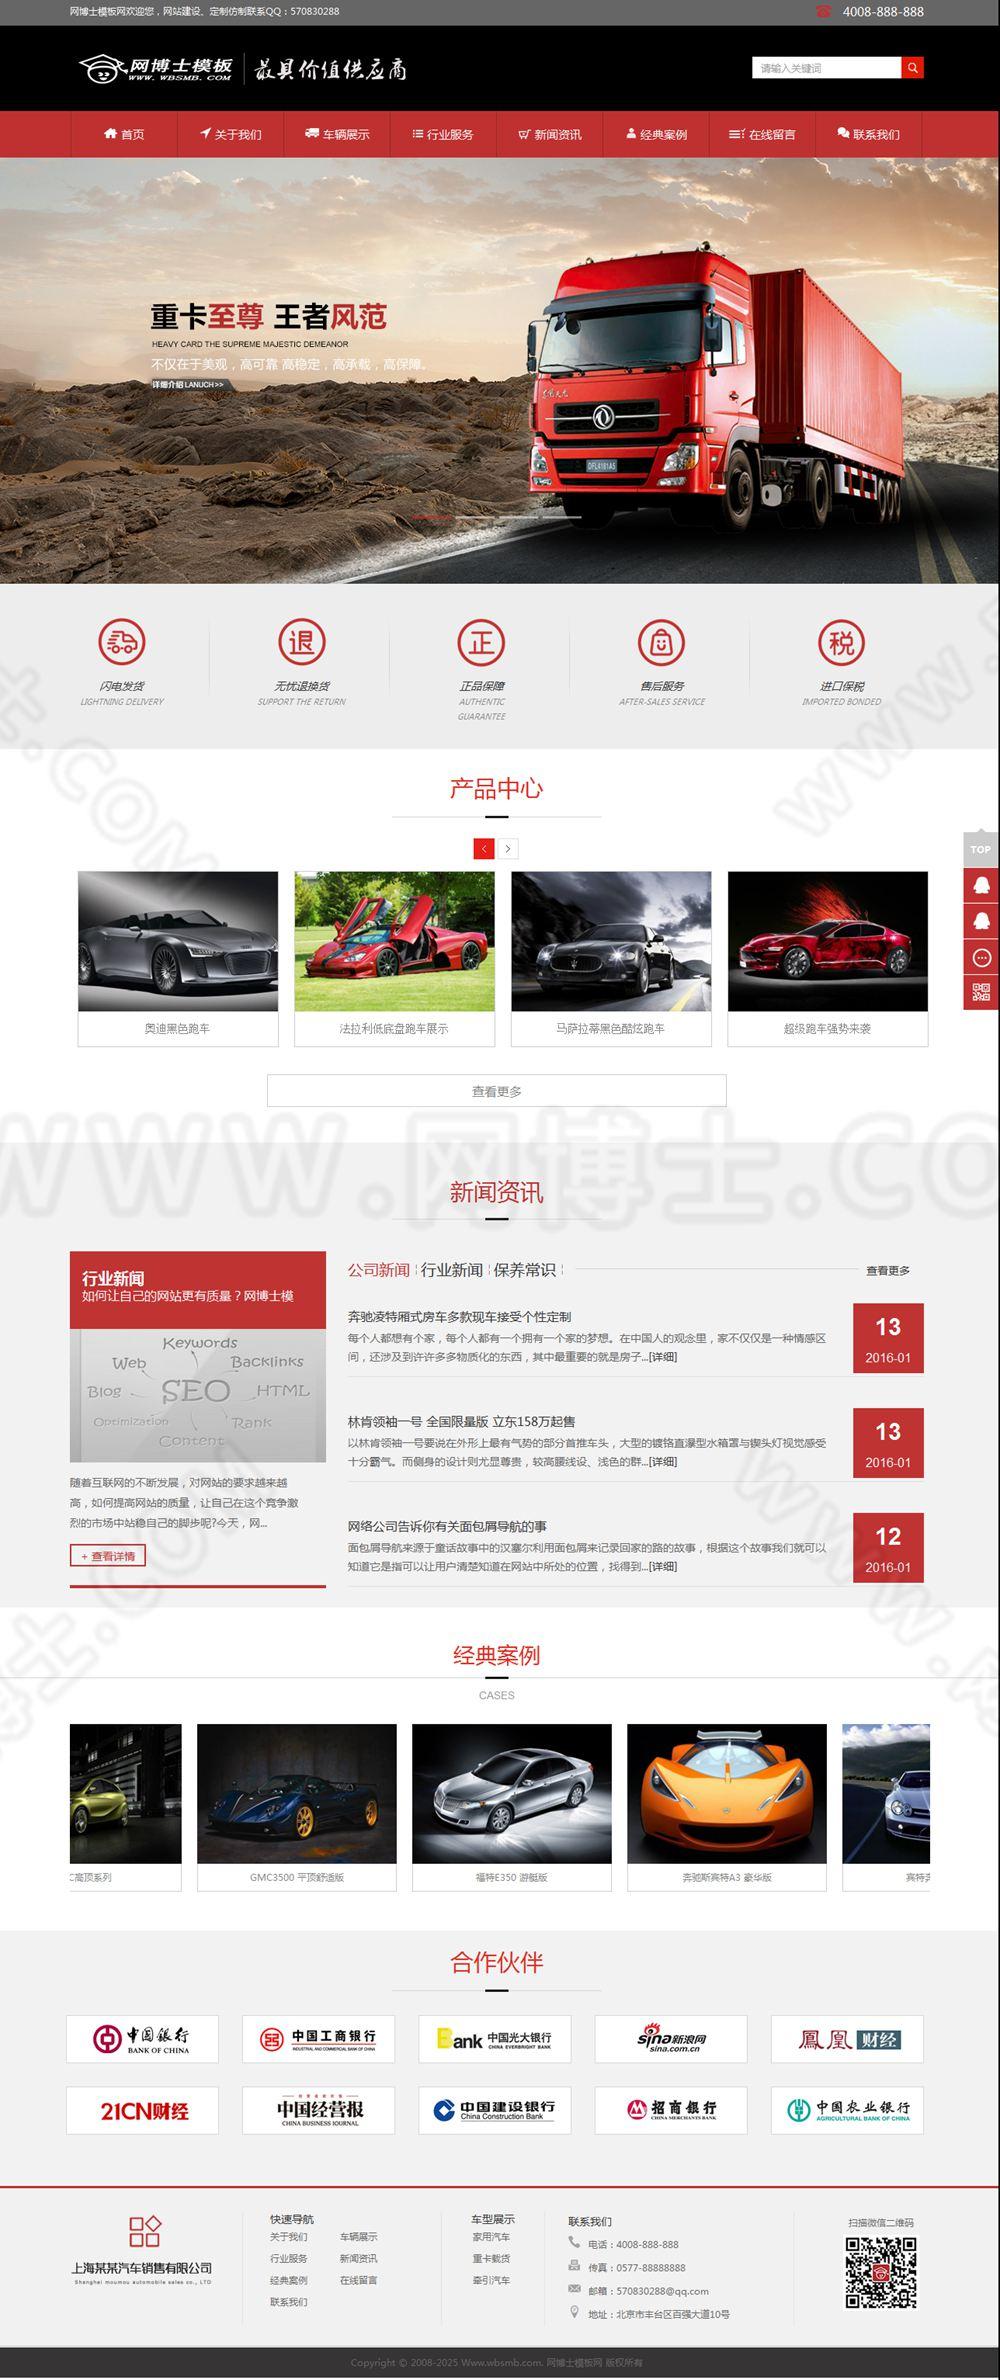 汽车销售公司网站模版 汽车制造网站源码